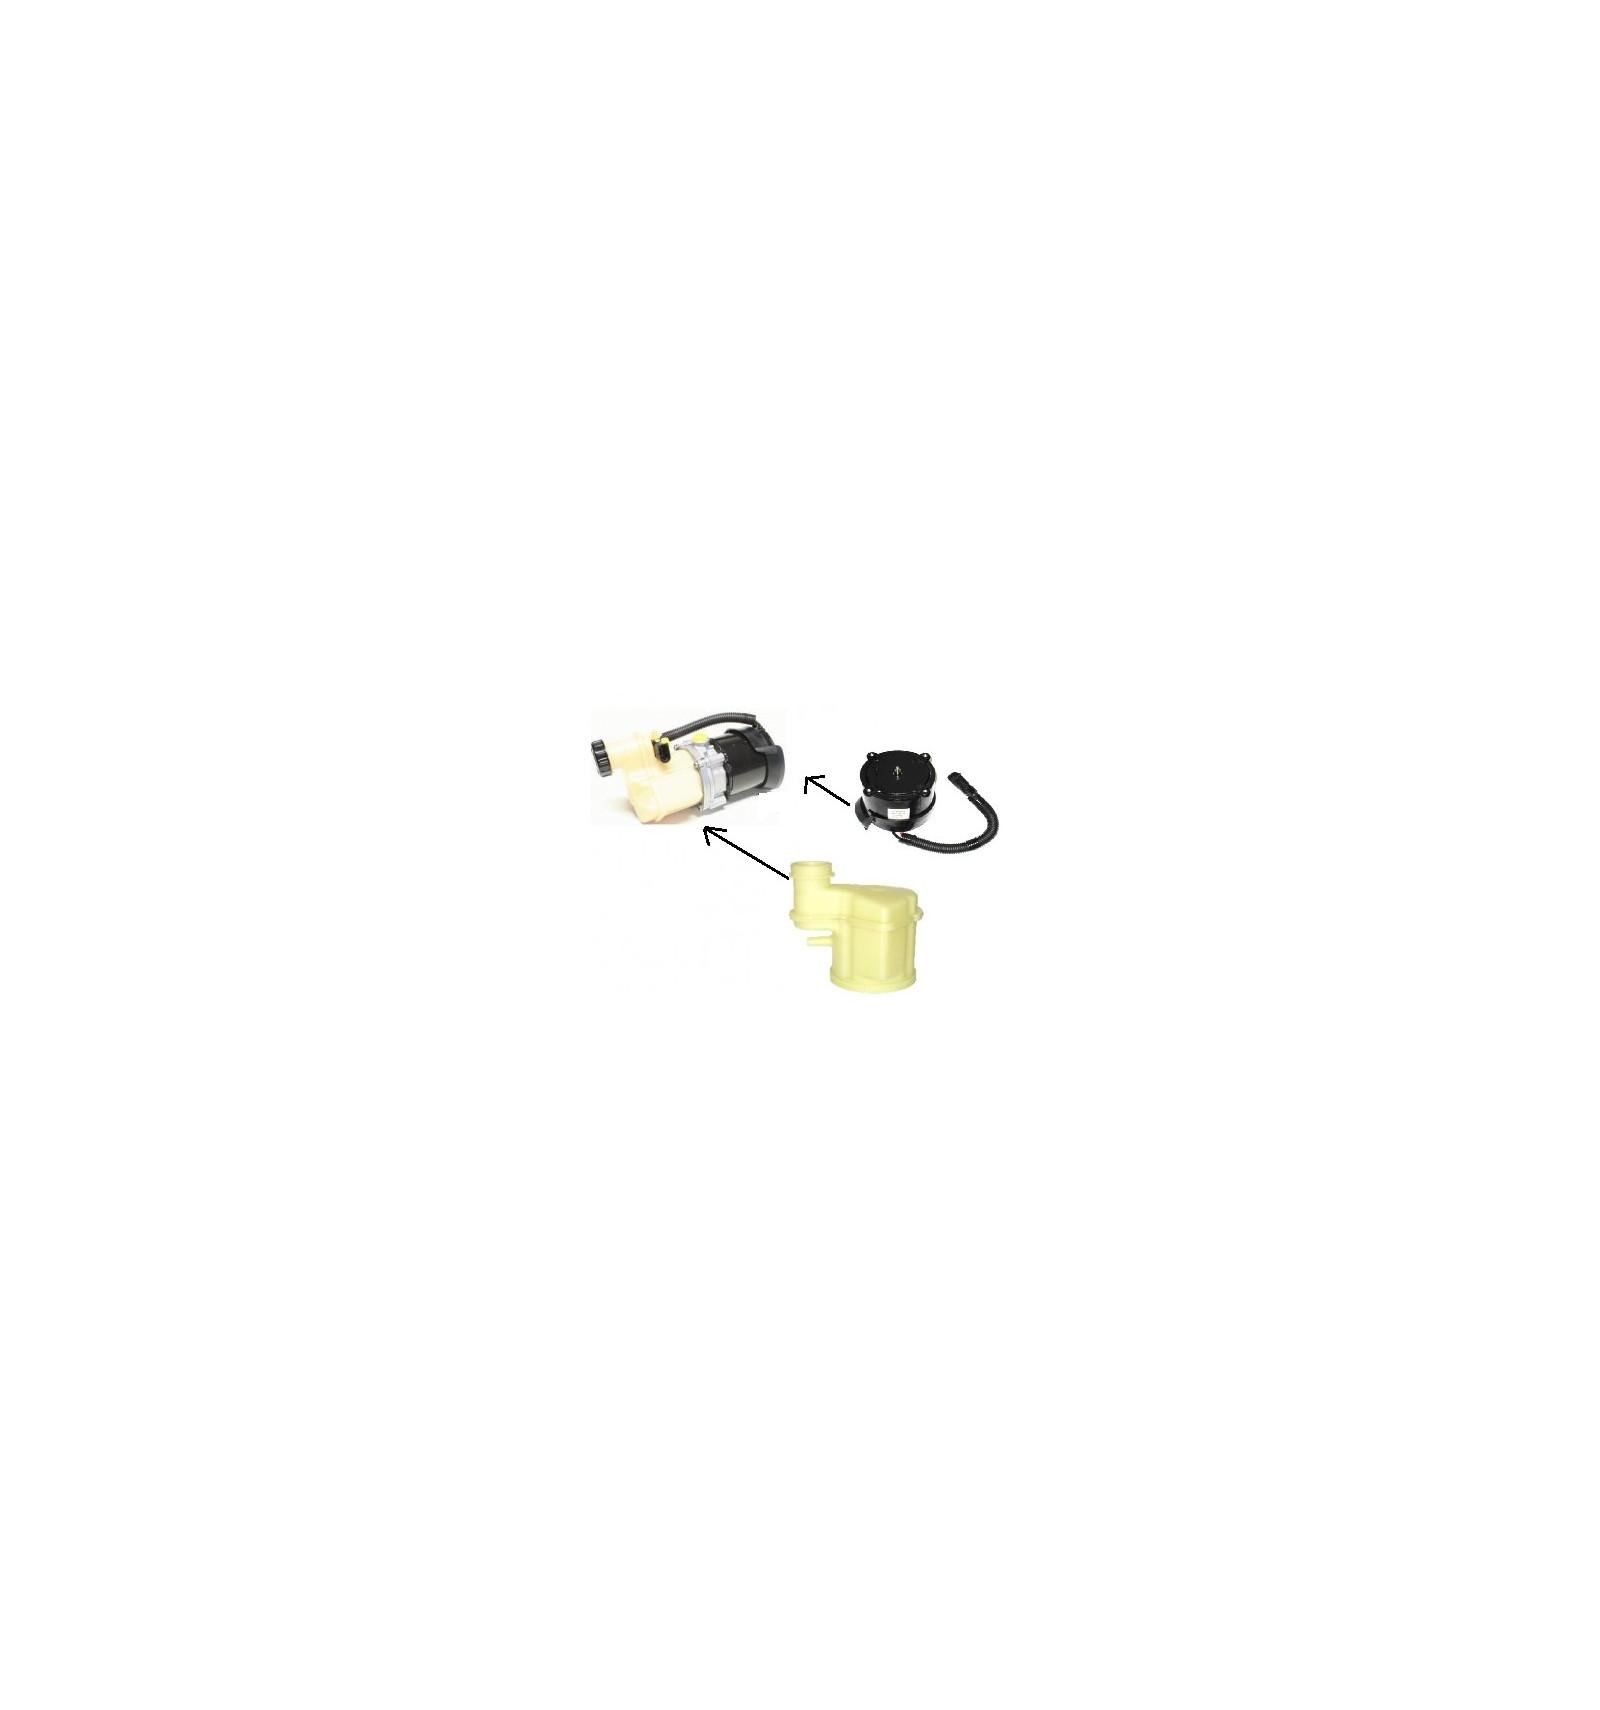 vase reservoir bocal pompe de direction assist e hydraulique nissan renault. Black Bedroom Furniture Sets. Home Design Ideas